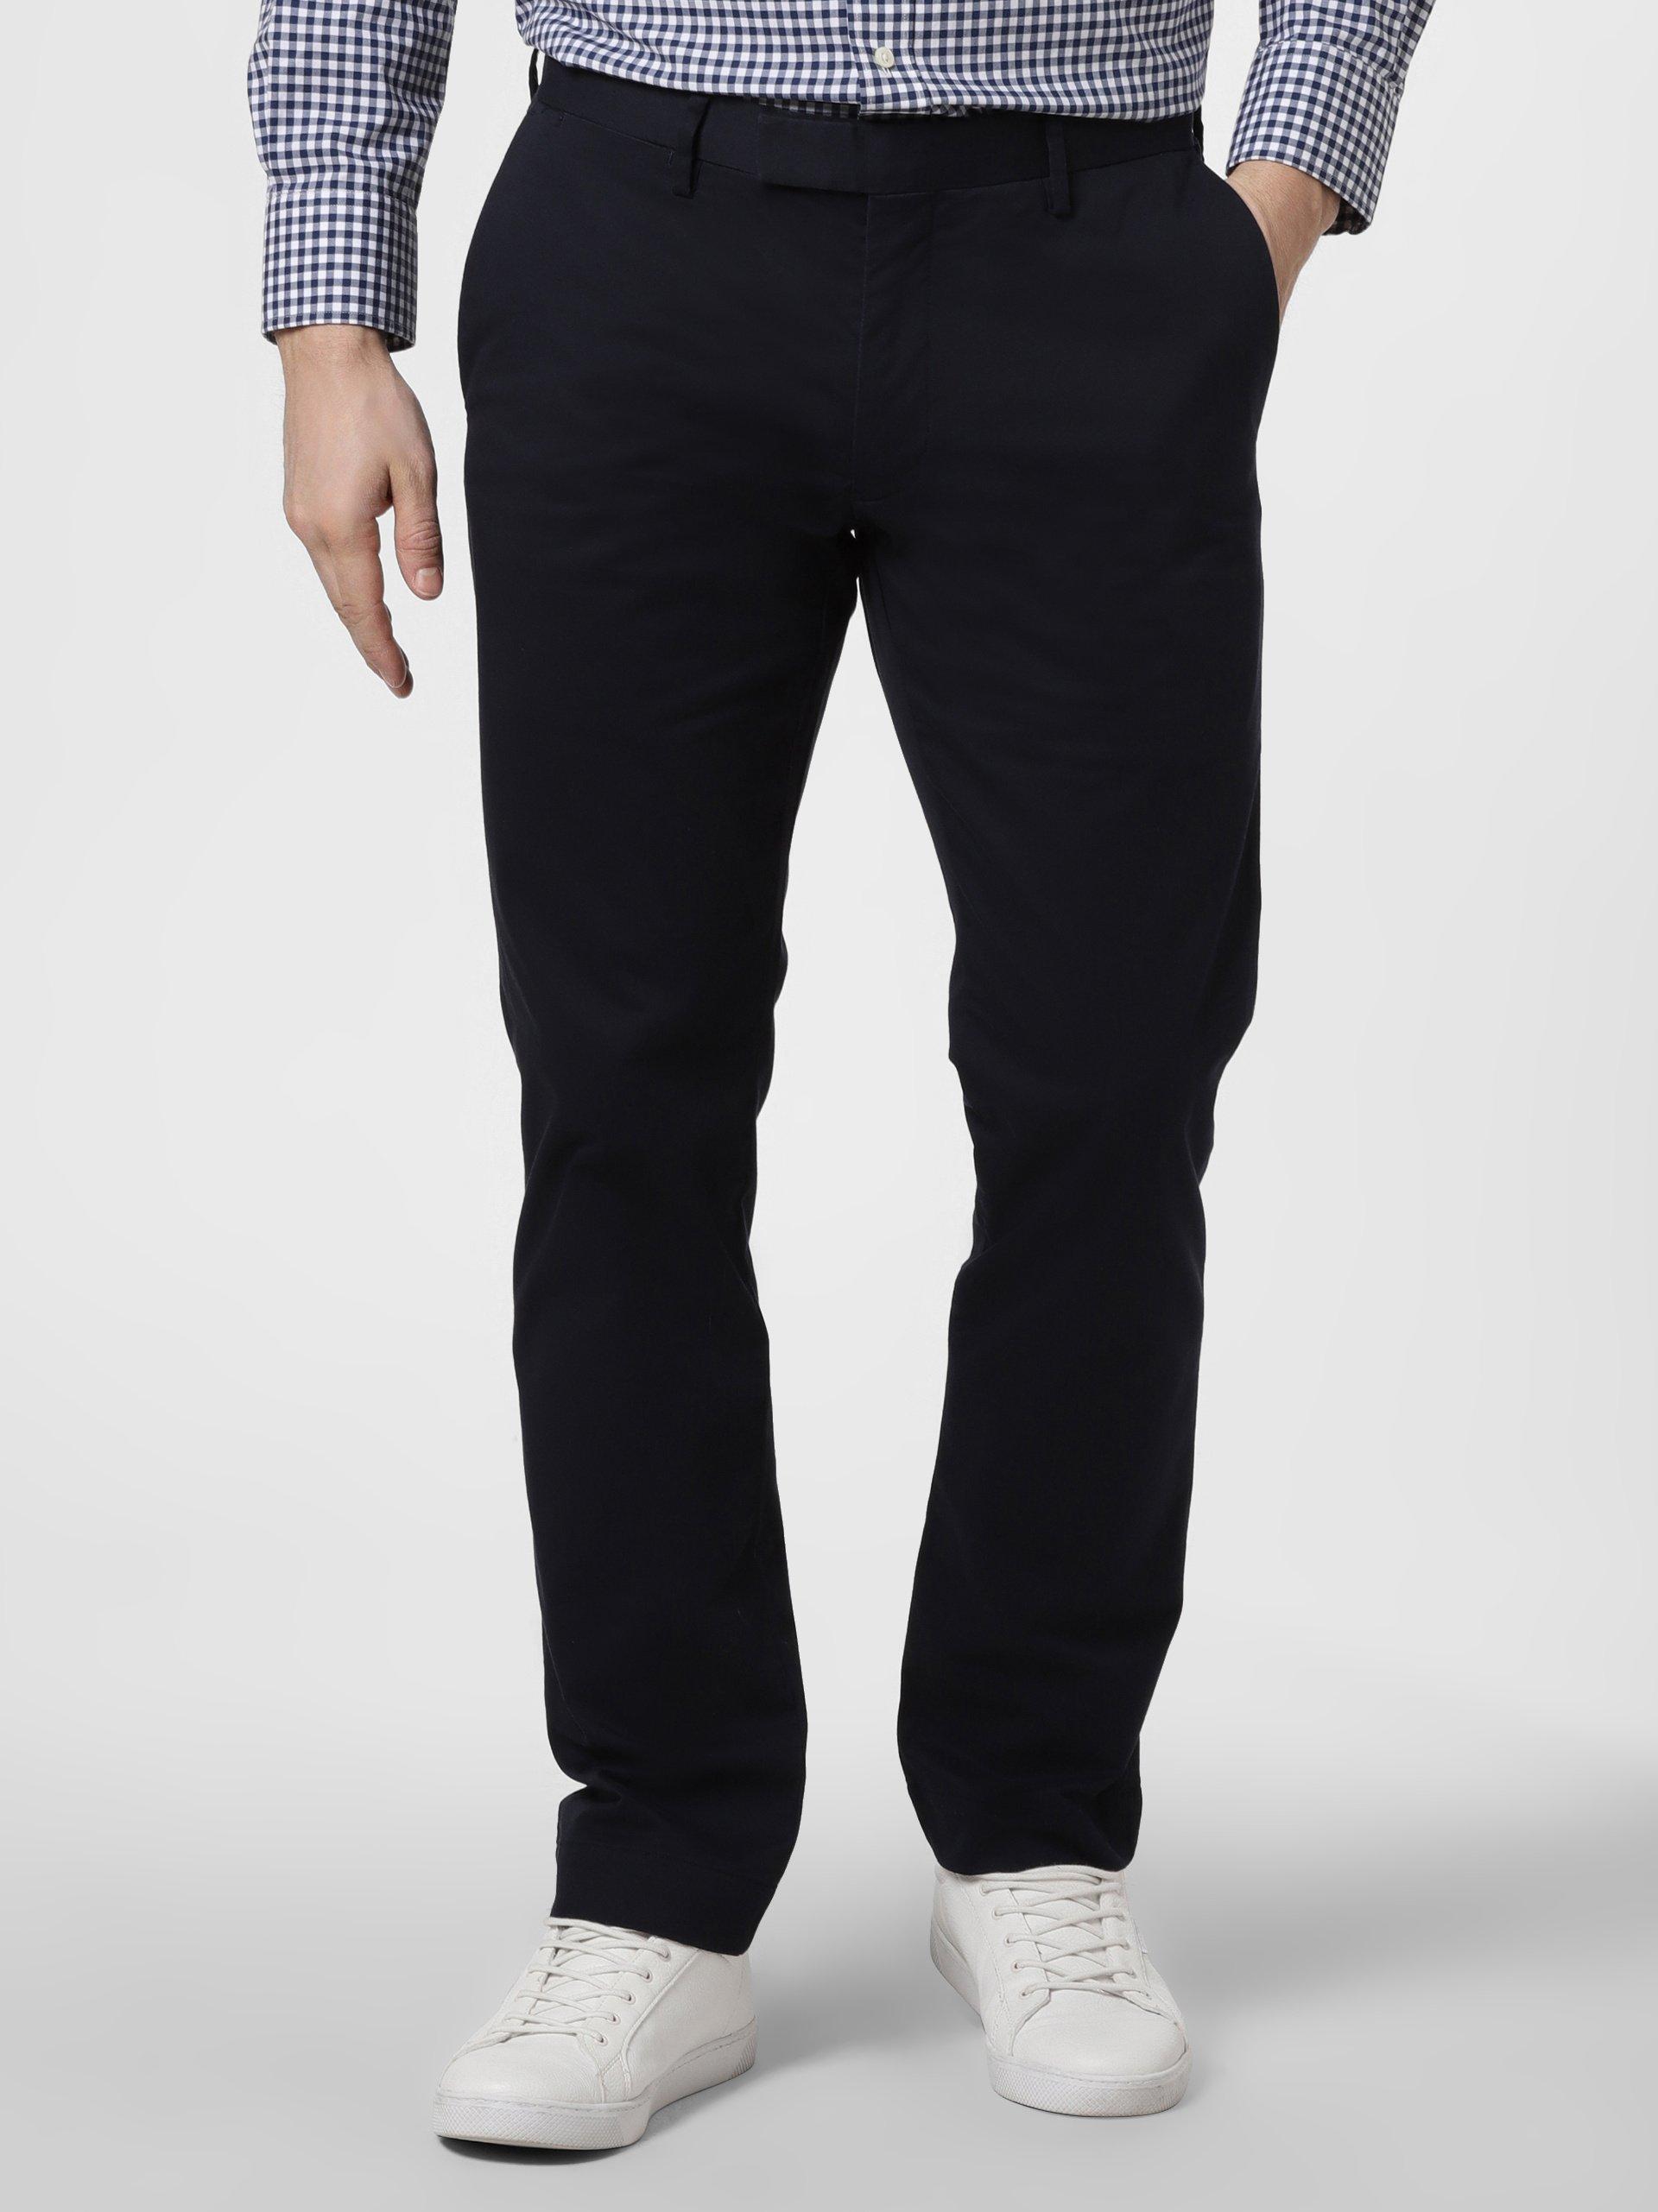 Polo Ralph Lauren Spodnie męskie